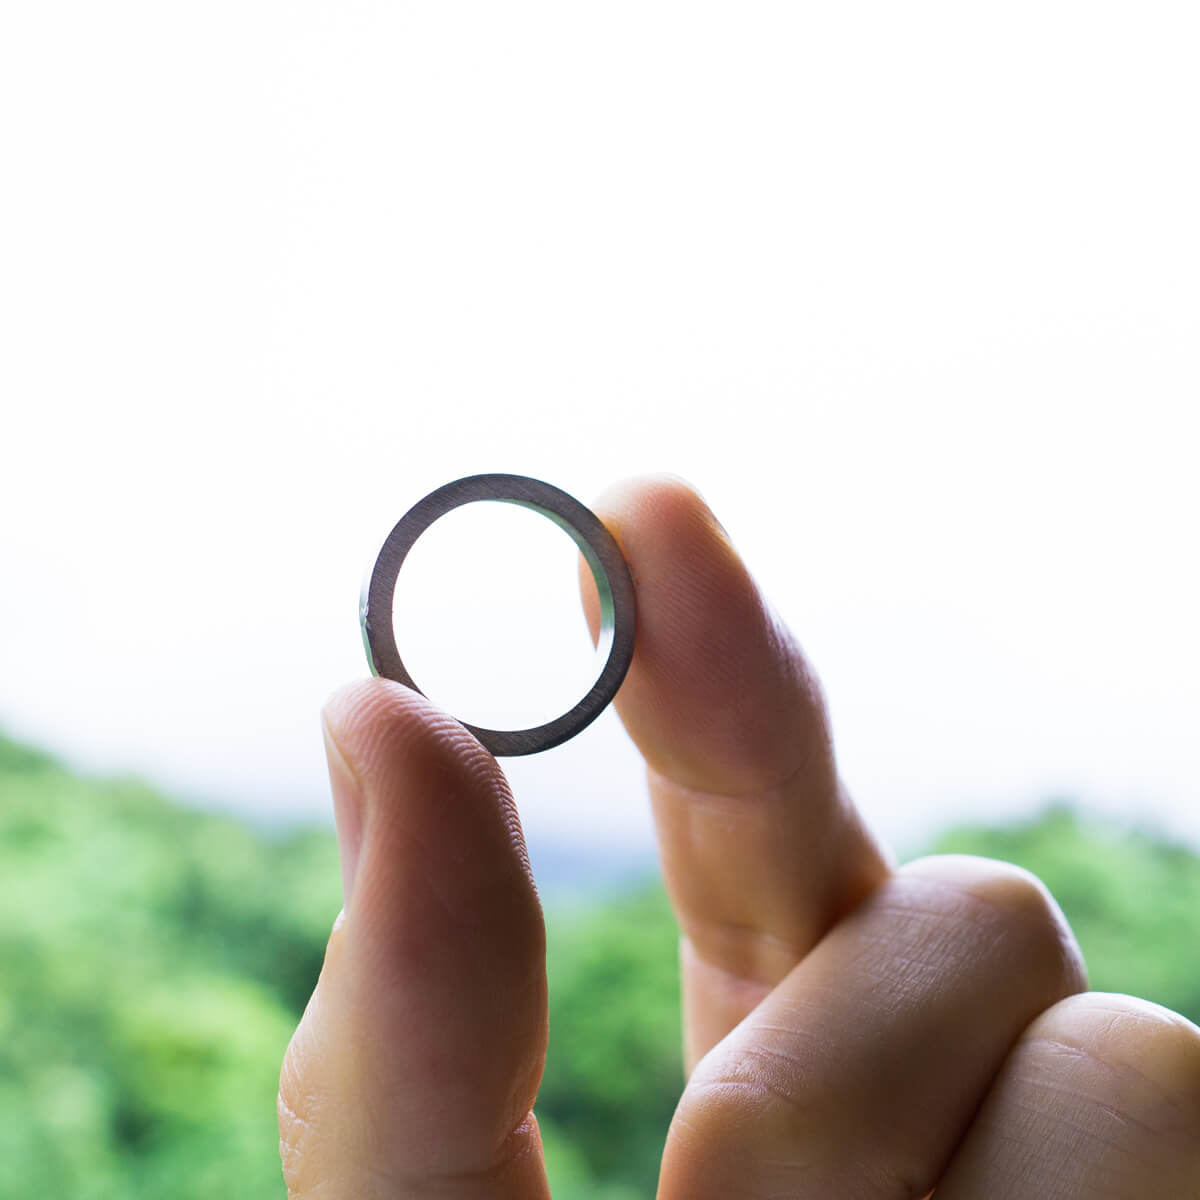 オーダーメイドジュエリーの制作風景 手に指輪 プラチナ 屋久島の山々バック 屋久島でつくる結婚指輪